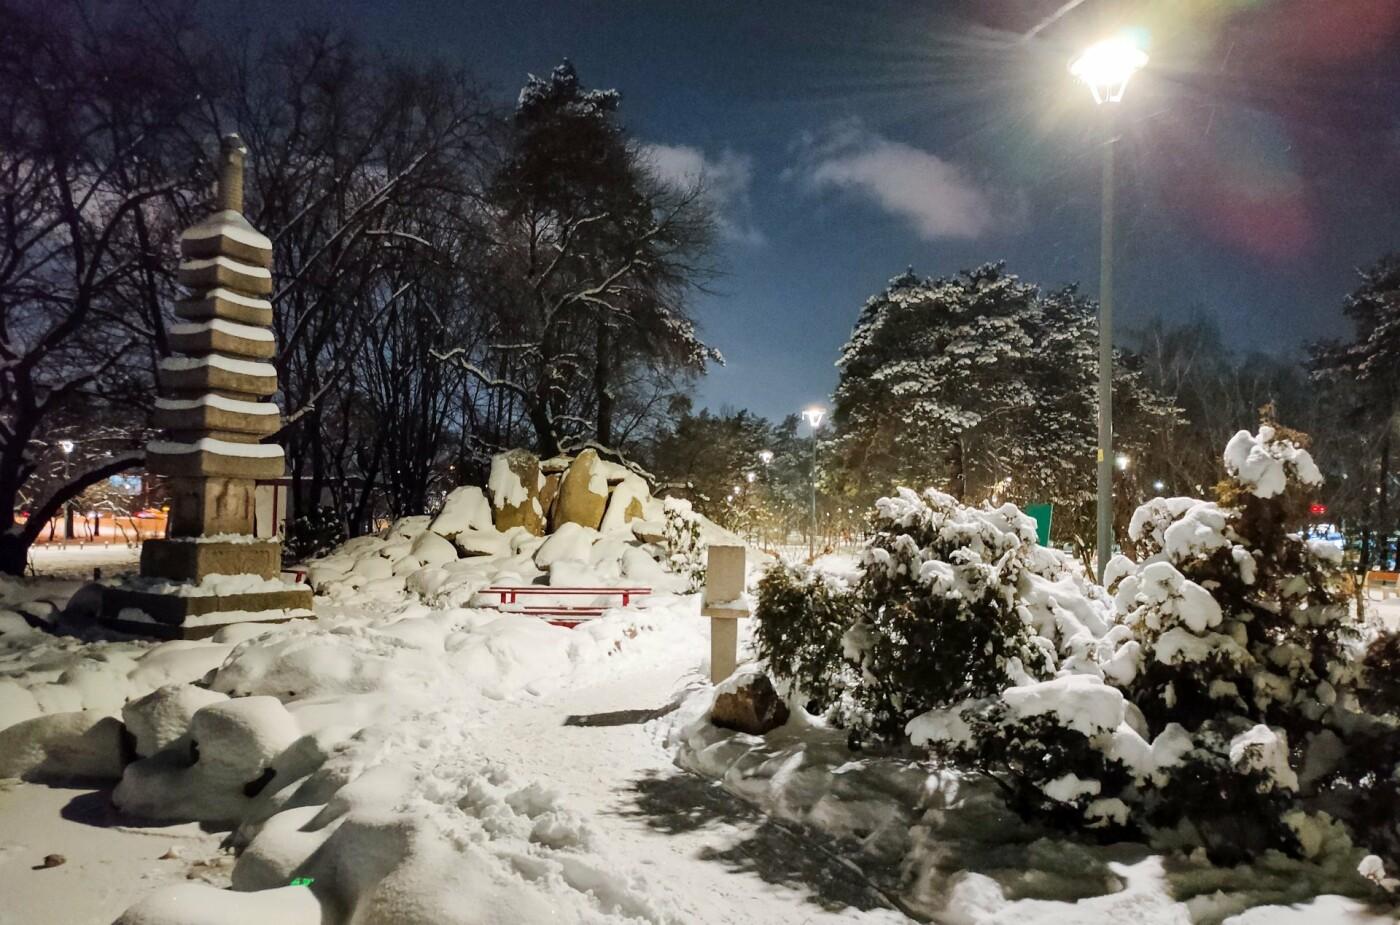 Цветущие сады японских сакур: парк «Киото» в Киеве и его уникальность, - ФОТО, Фото: Yurii PYURA